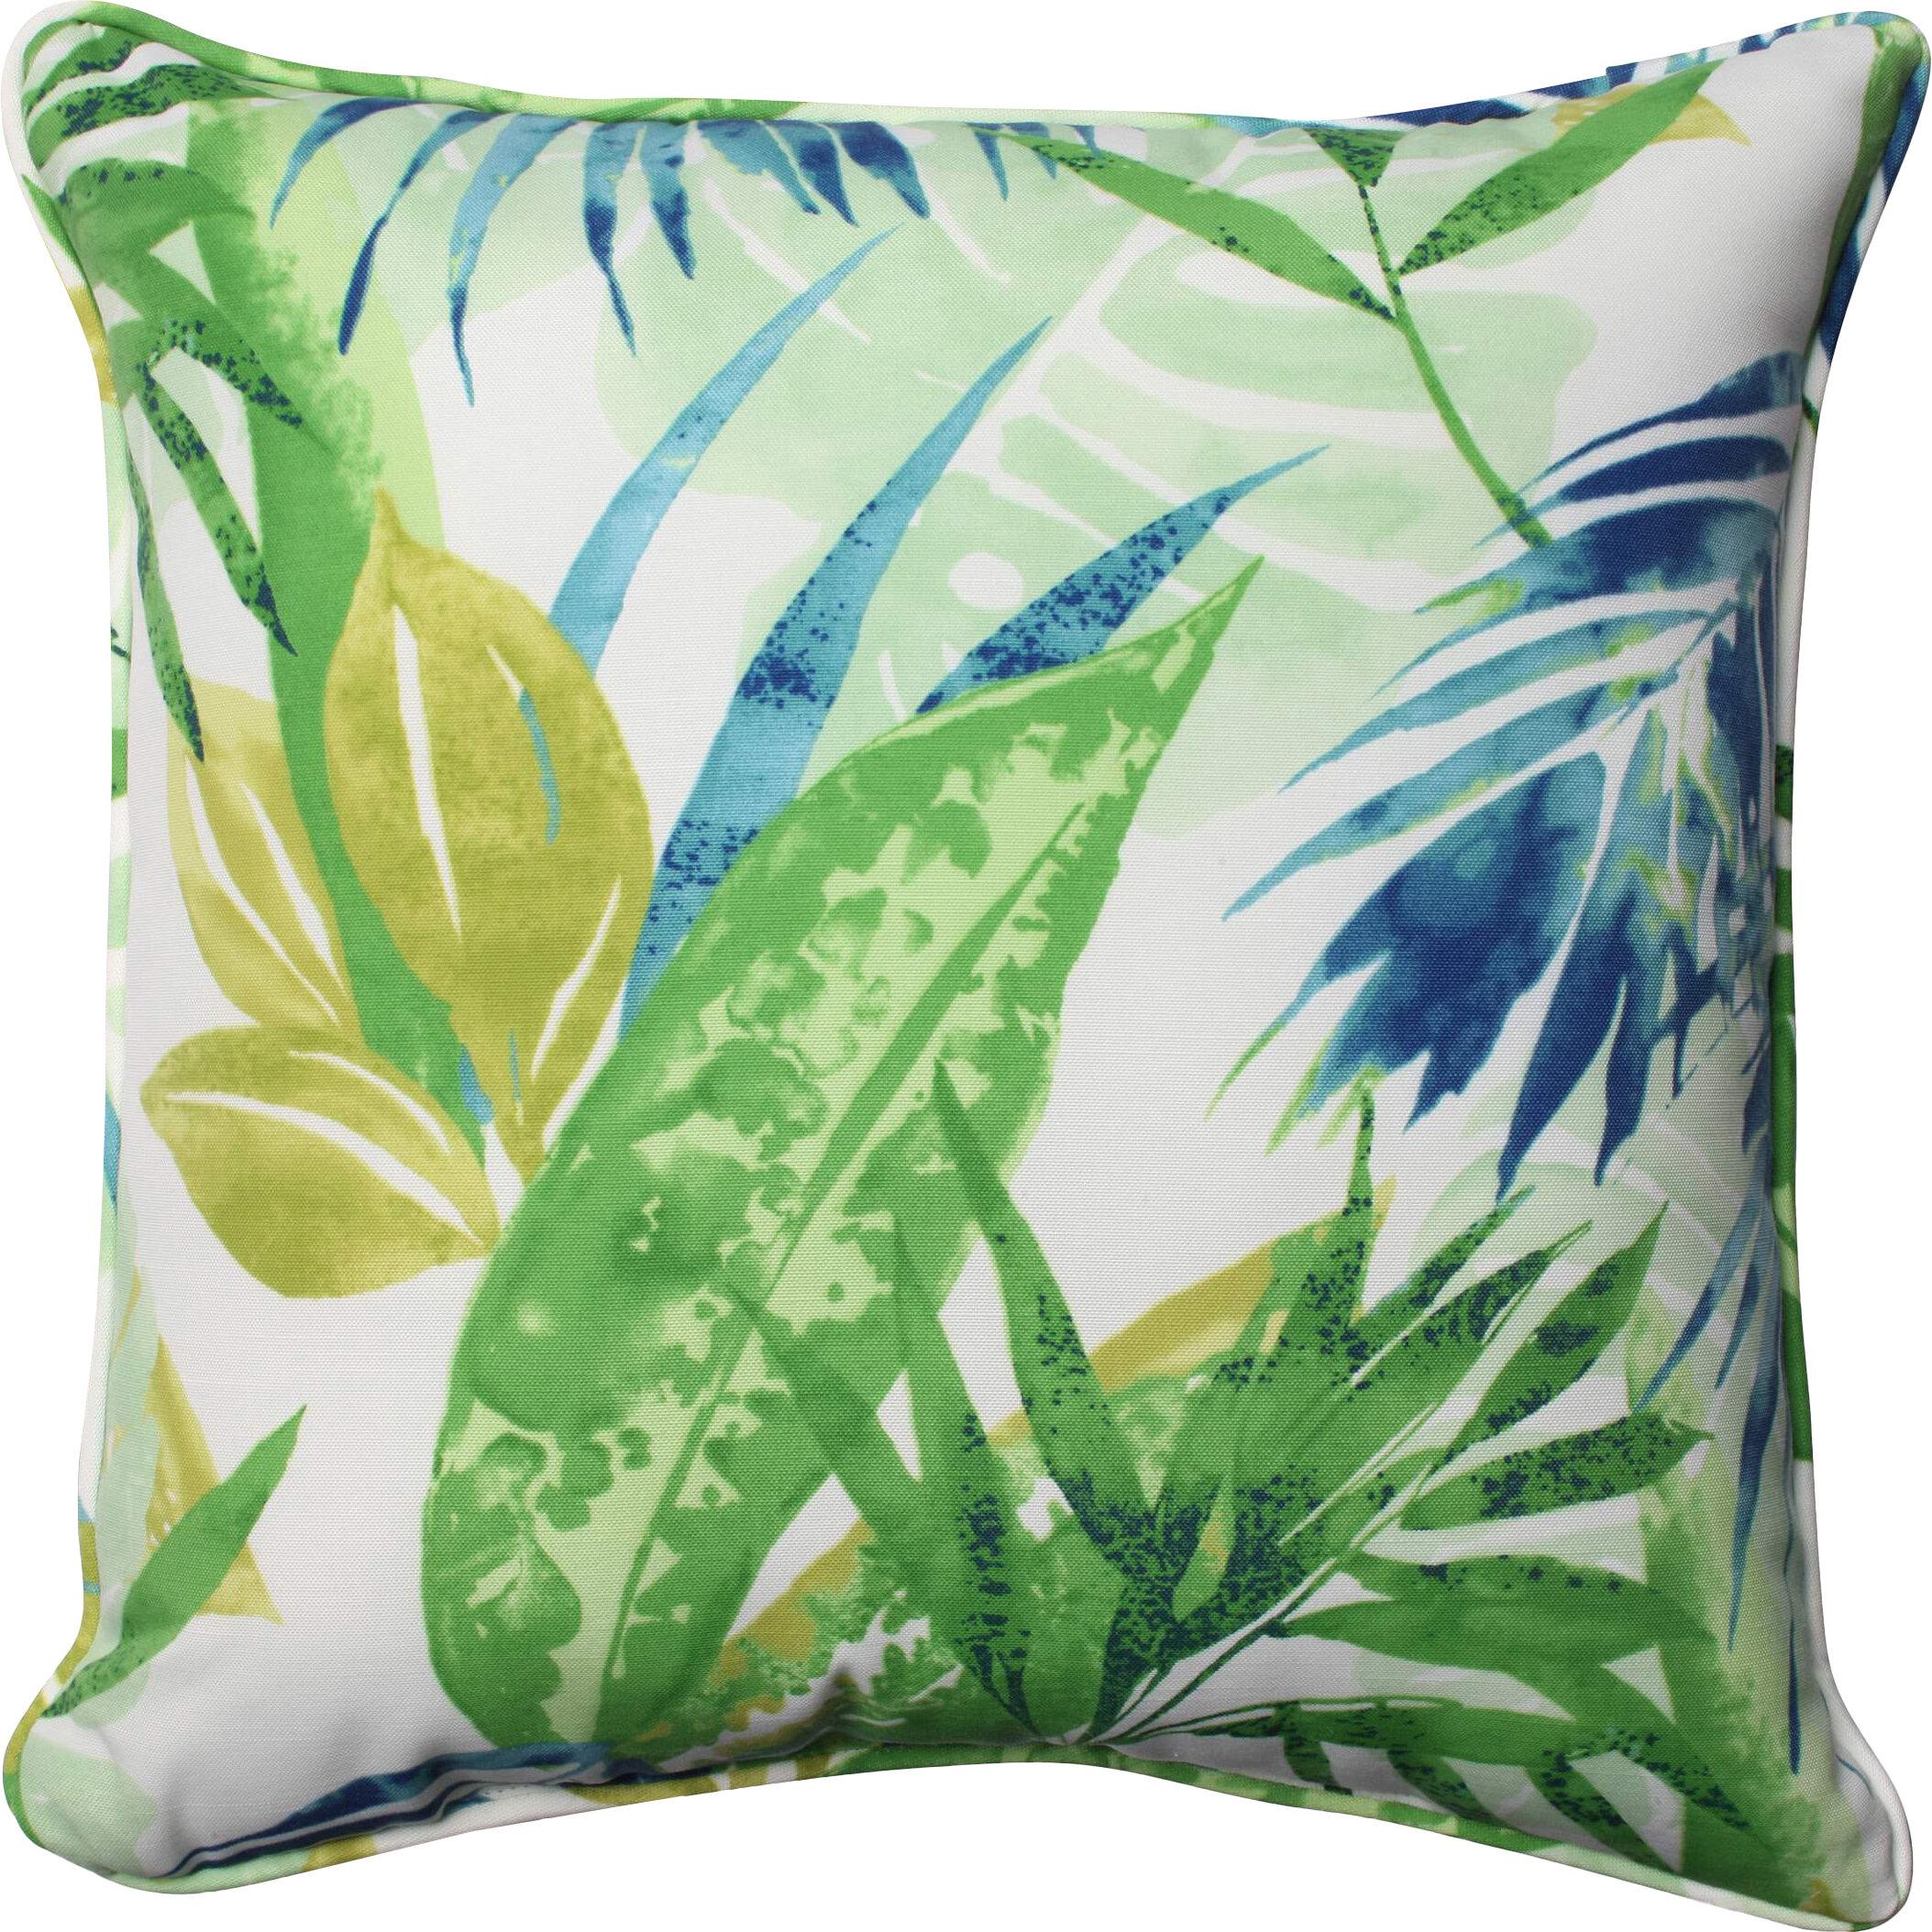 Highland Dunes Earnhardt Indoor Outdoor Throw Pillow Reviews Wayfair